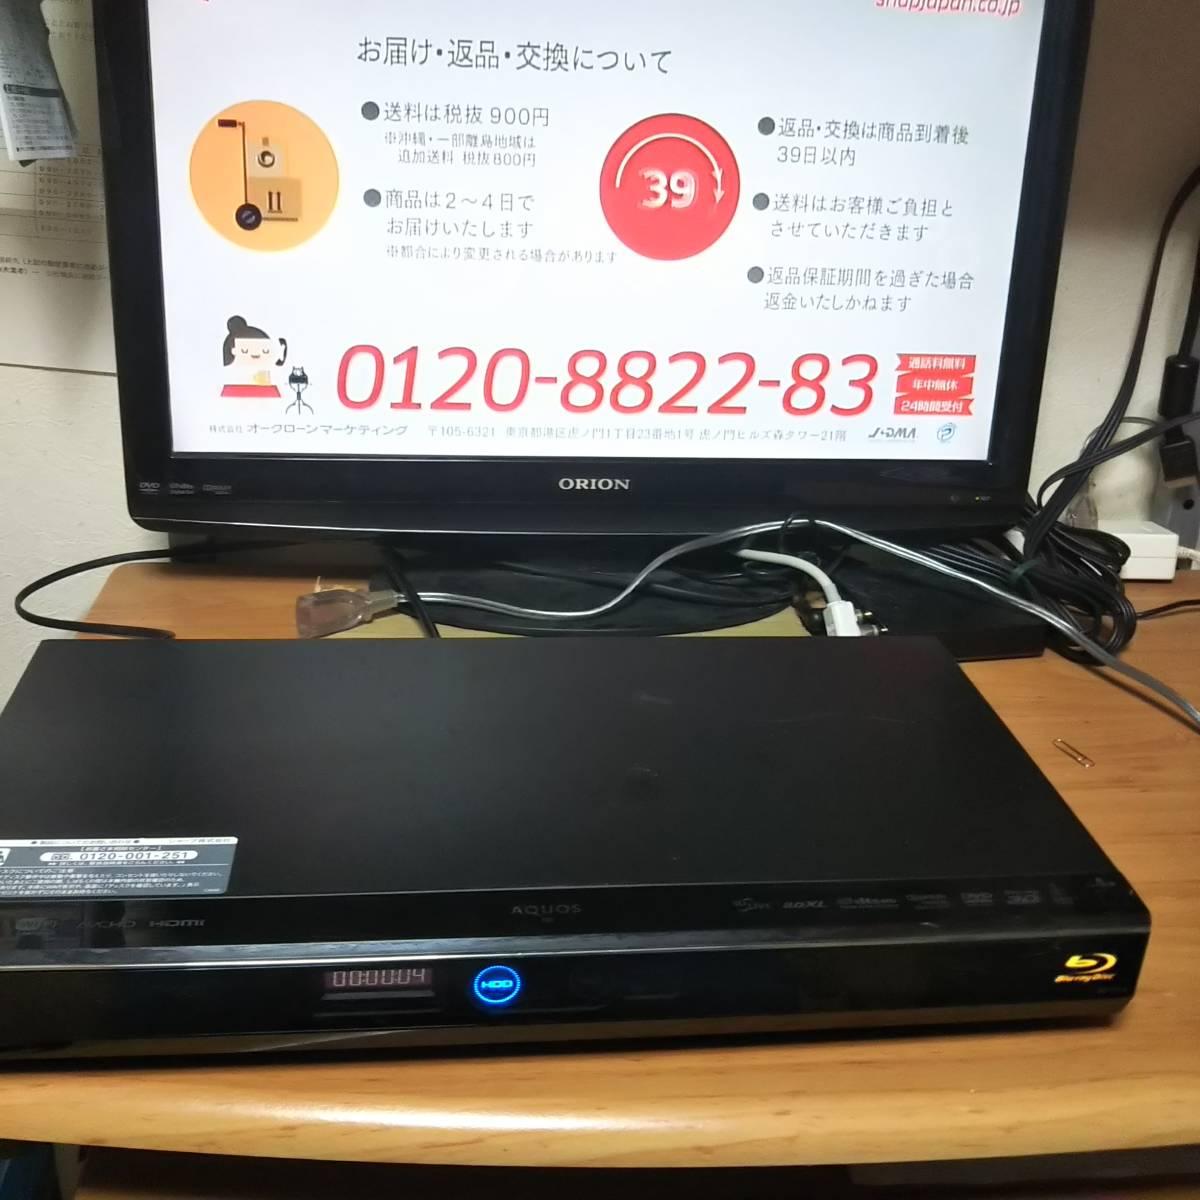 SHARP♪シャープ♪AQUOS/アクオス/BD-T510/ブルーレイレコーダー/3チューナー/500GB/HDD/再生/OK/おまけ/リモコン/ケーブル他/ジャンク_画像7